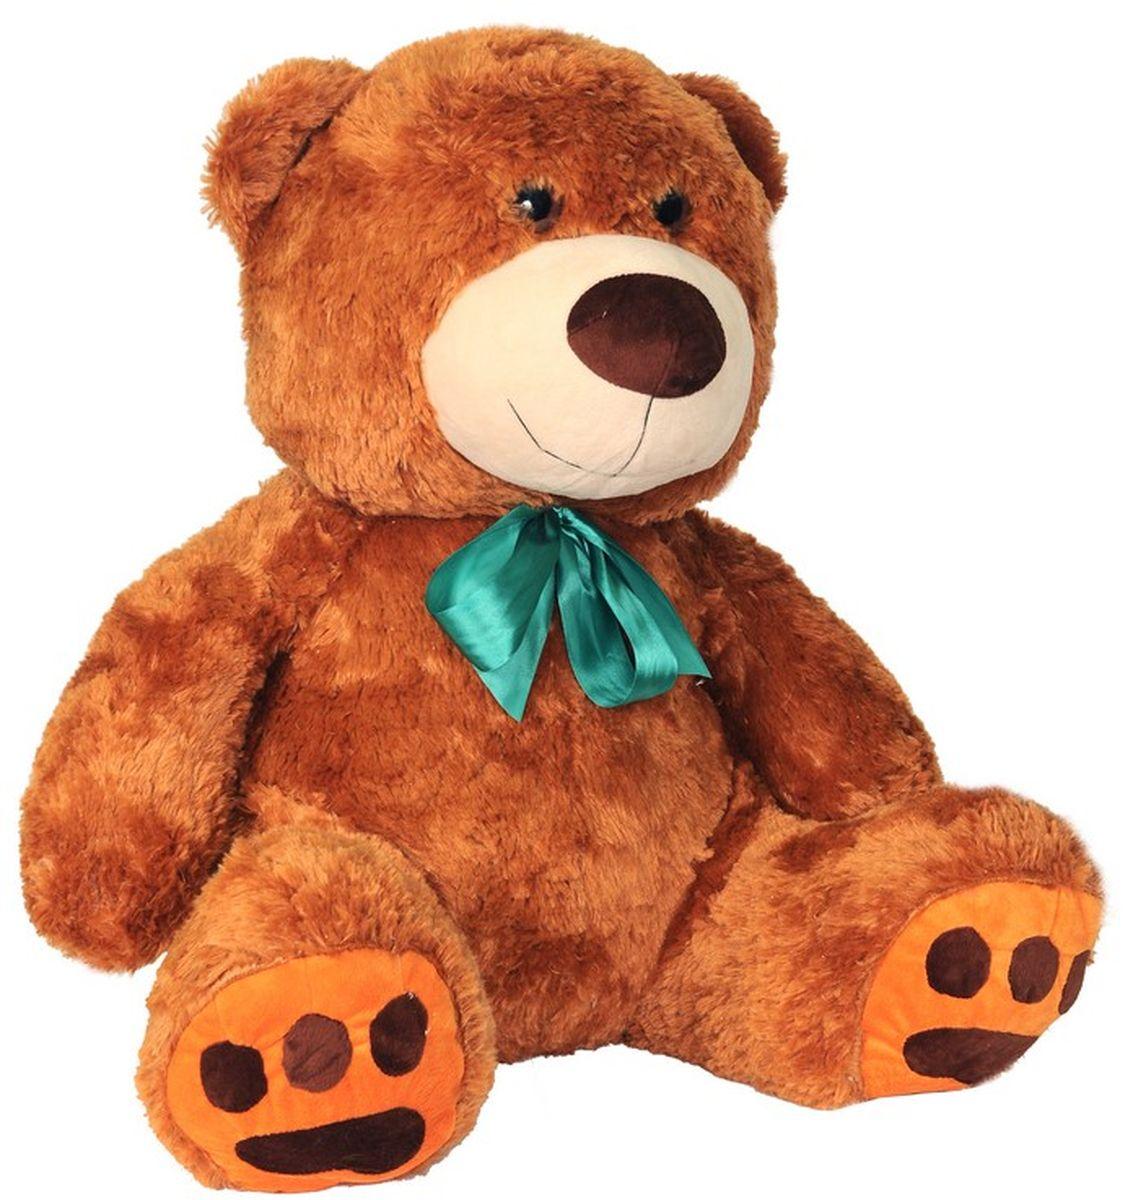 СмолТойс Мягкая игрушка Медведь цвет коричневый 70 см мягкая игрушка смолтойс медвежонок тедди коричневый 30 см